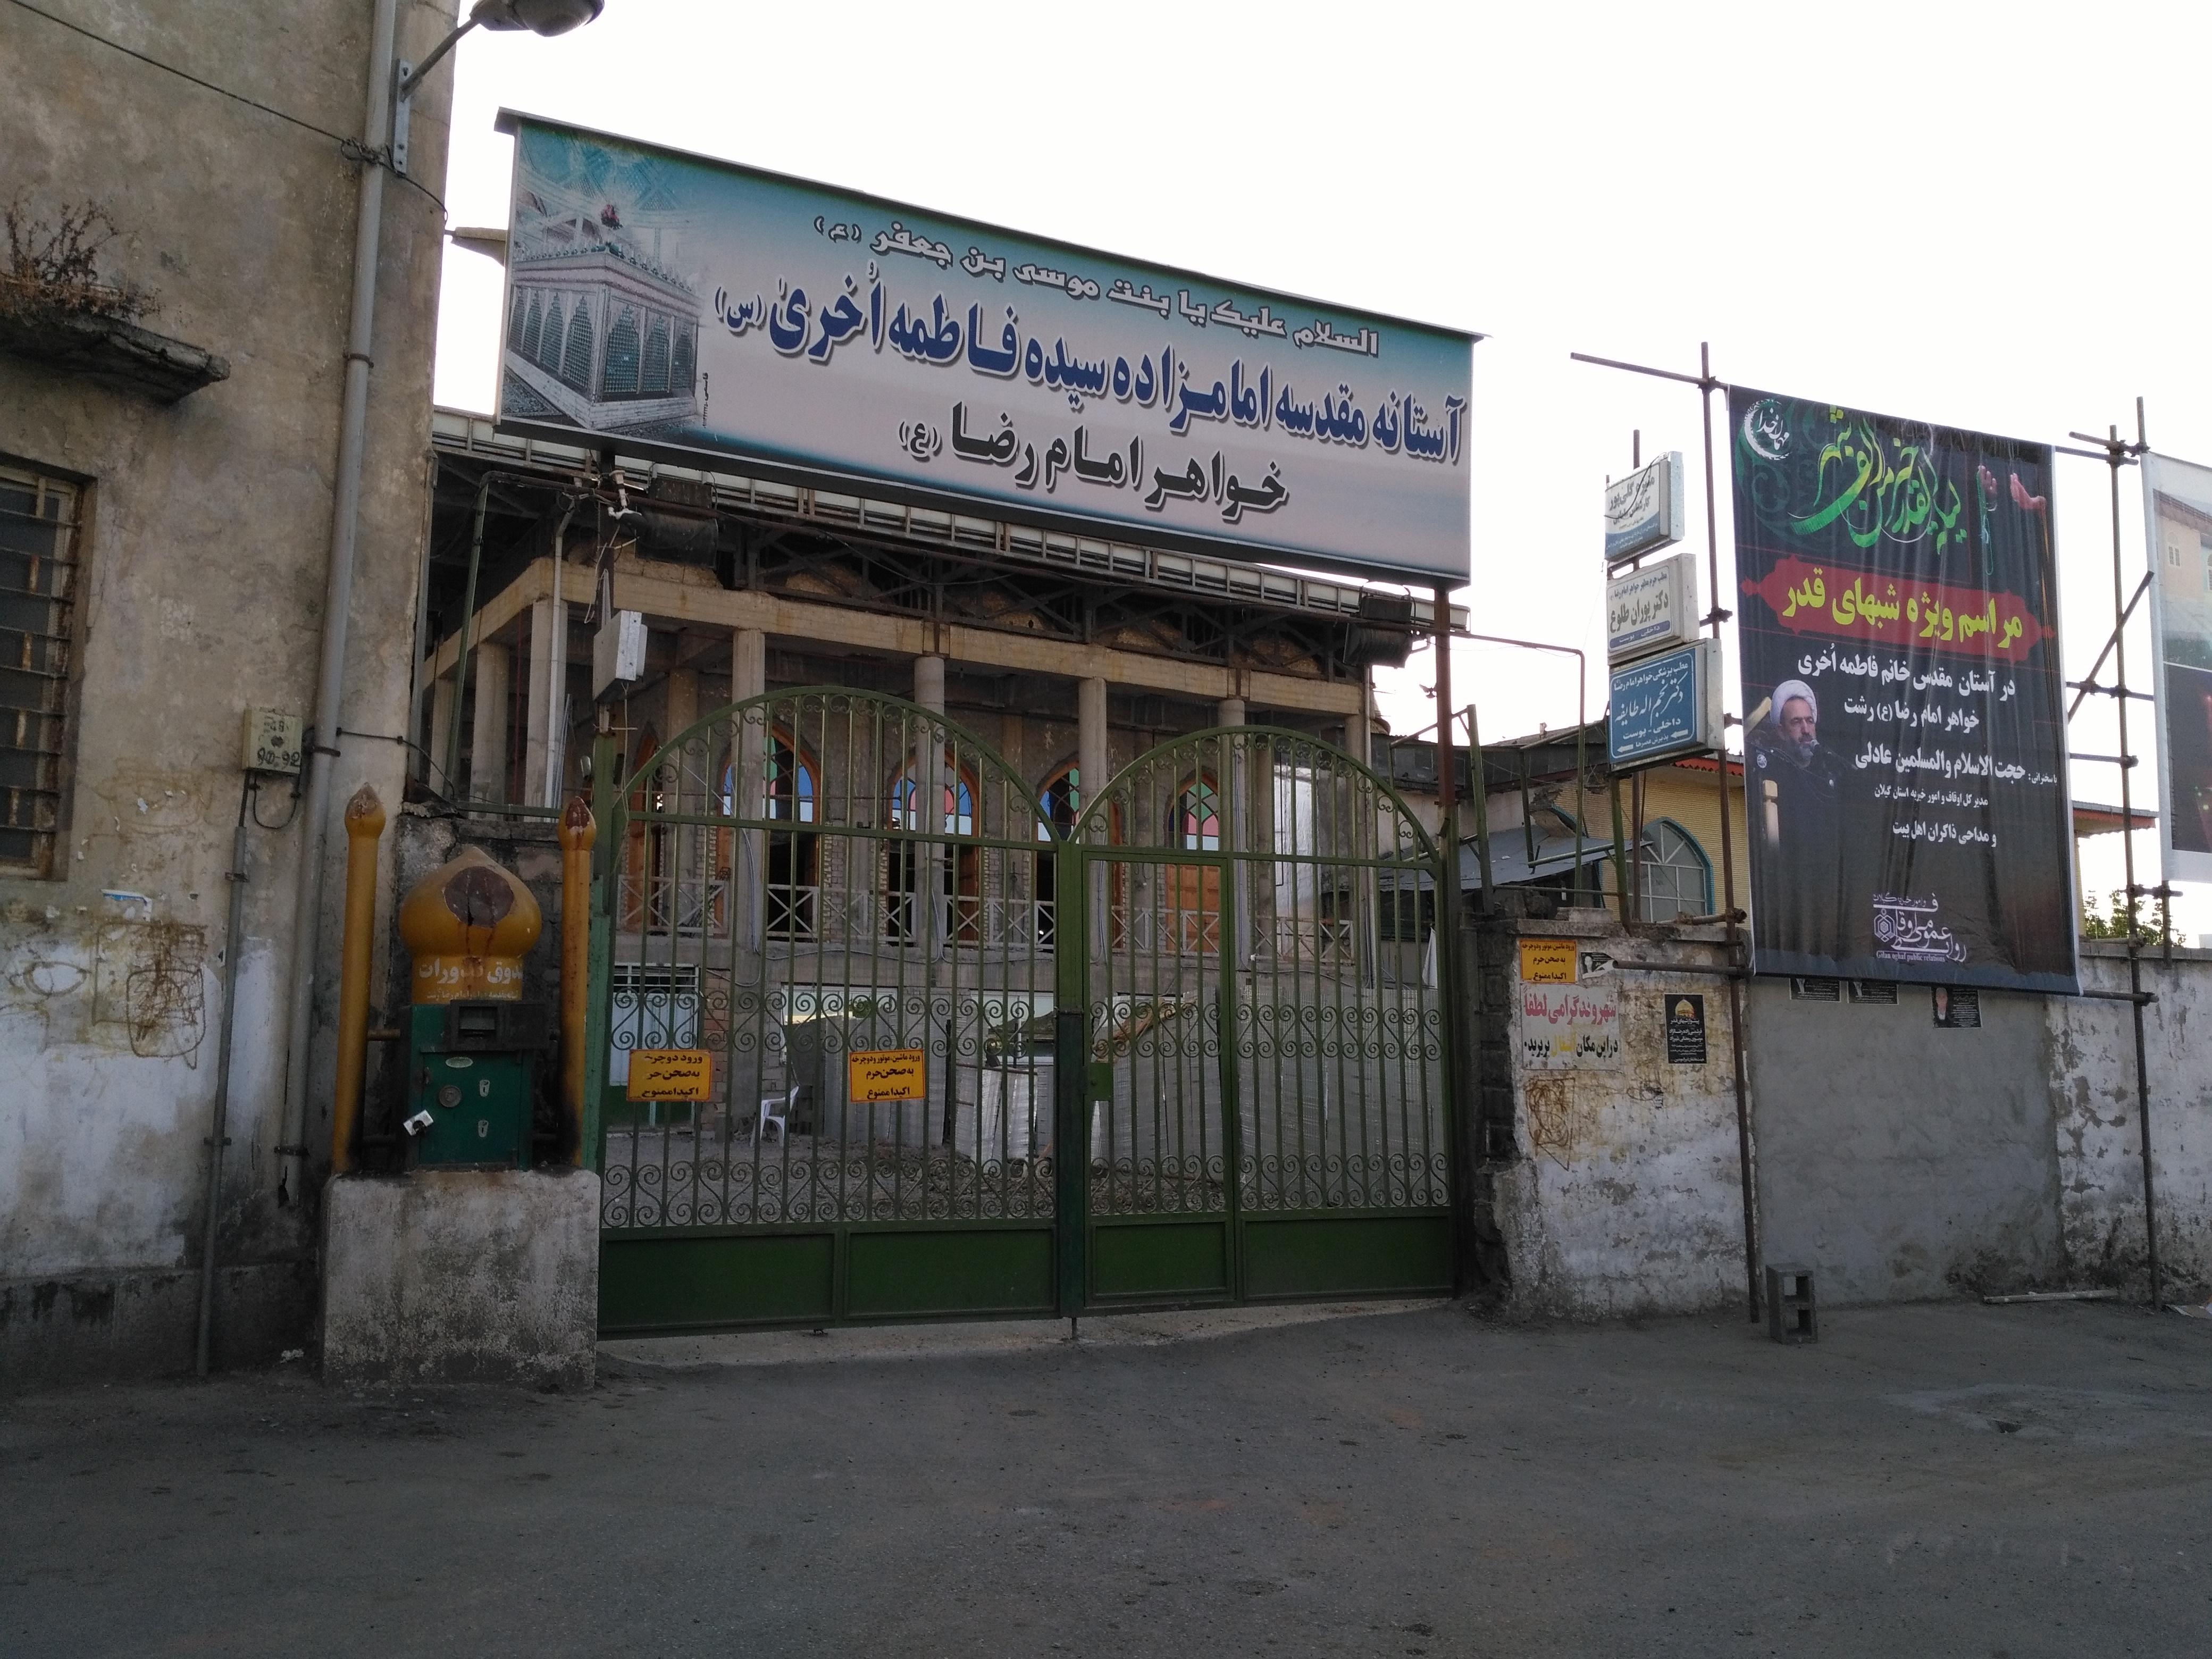 فوری/قفل بر درب محل اجرای پروژه عمرانی خواهر امام س رشت